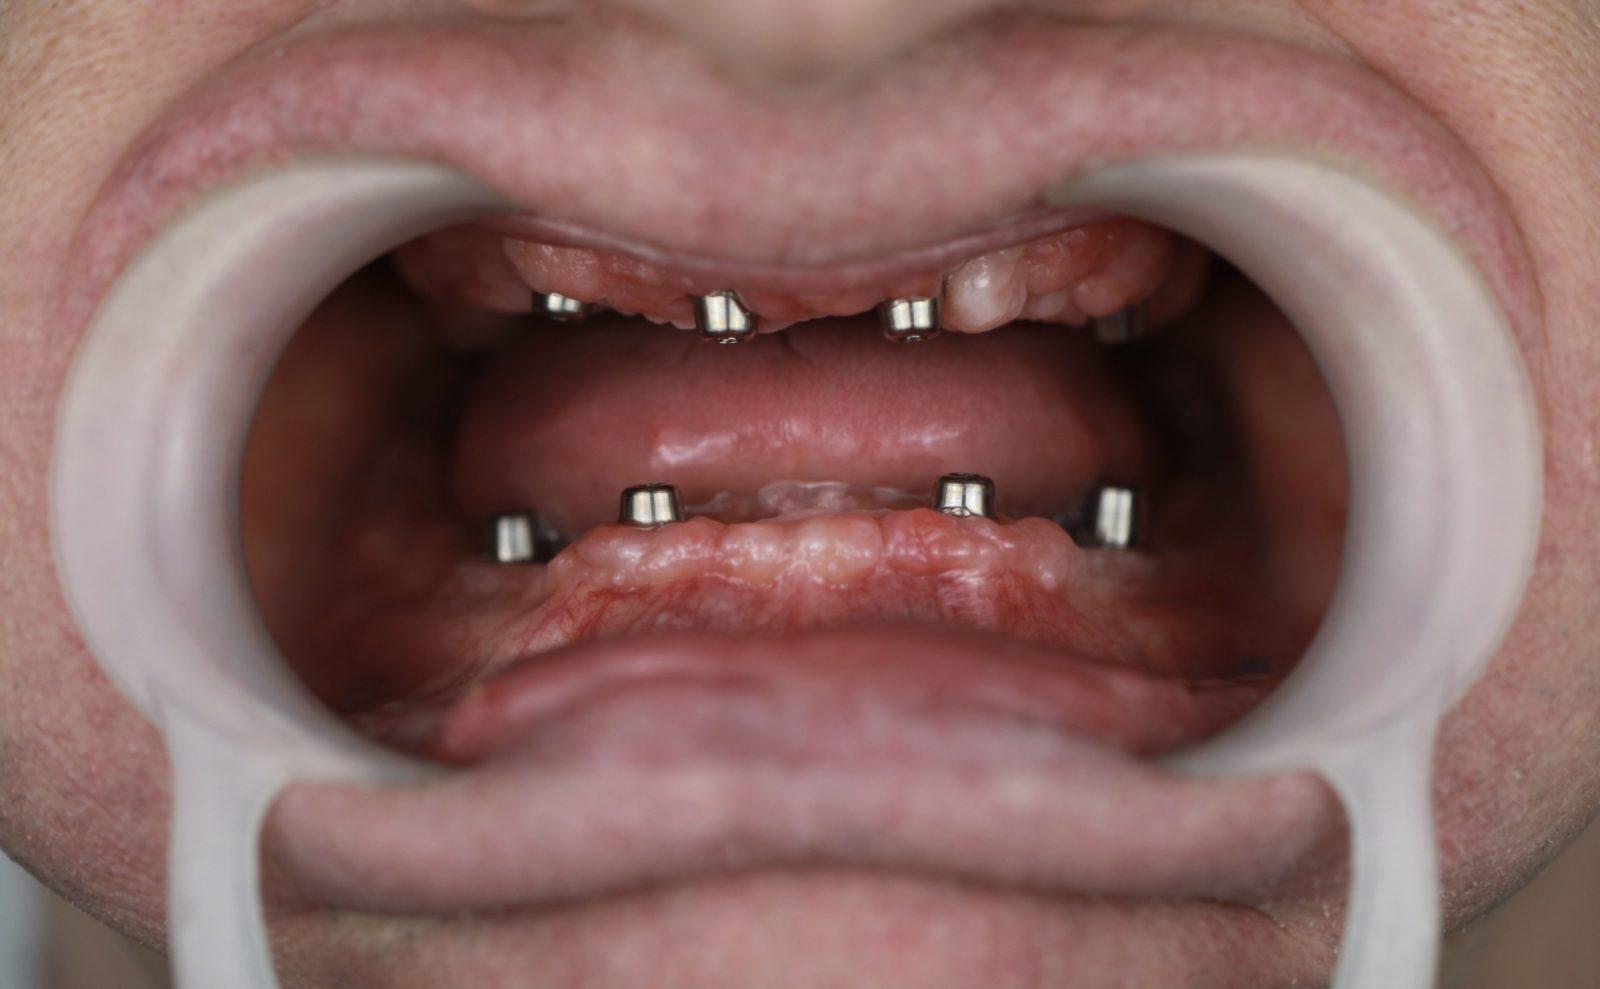 Установлены четыре импланта под систему All on 4